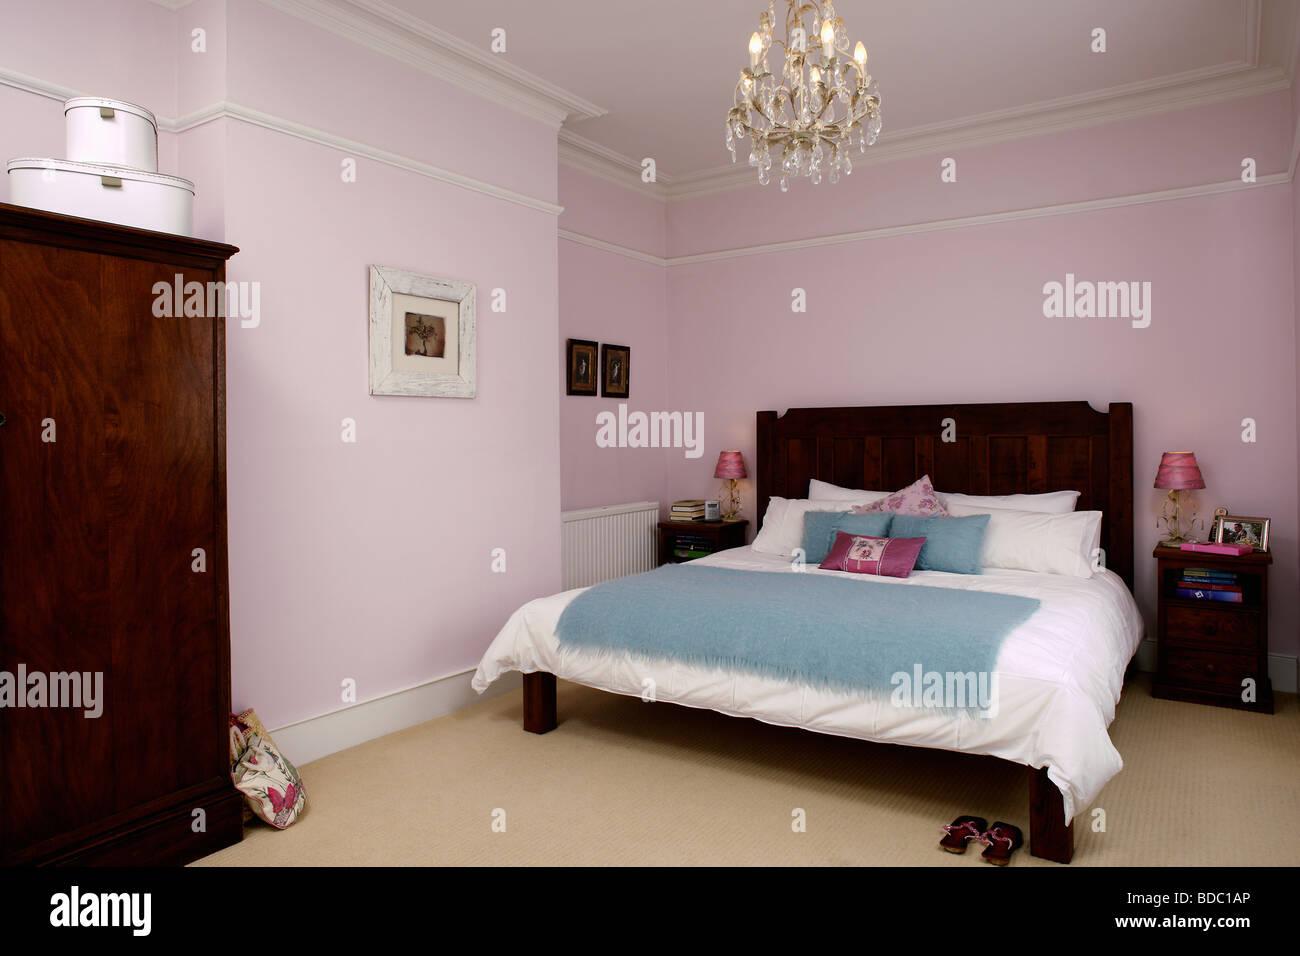 Kronleuchter ber dunklen holz bett mit wei er bettw sche und t rkis in pastell rosa for Schlafzimmer bild uber bett